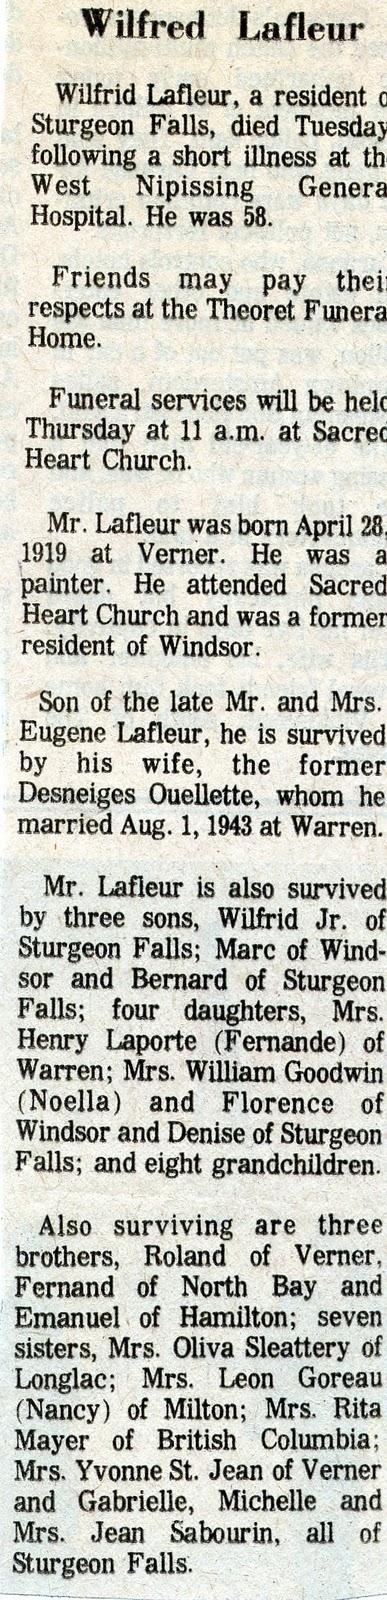 william lafleur death